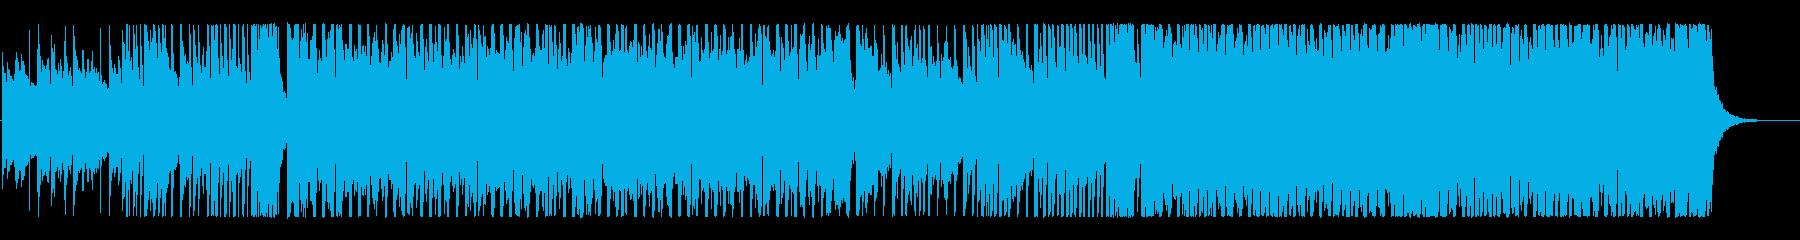 ポップで明るい、アップビートEDM!の再生済みの波形